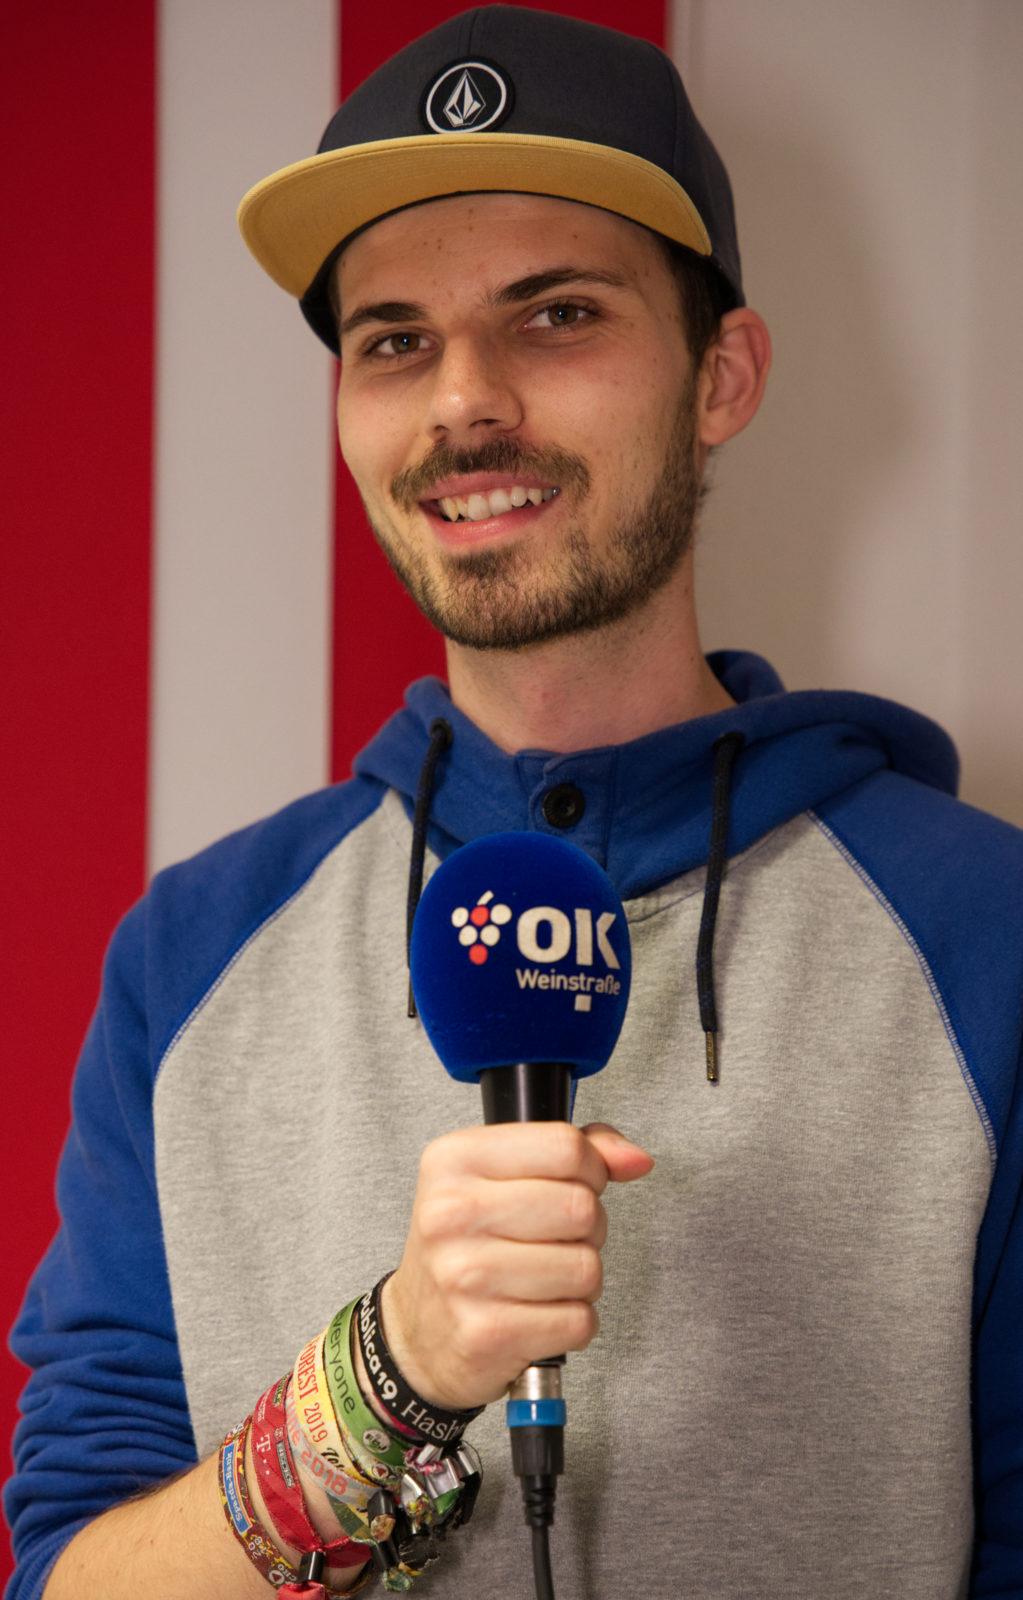 Niklas Schaub